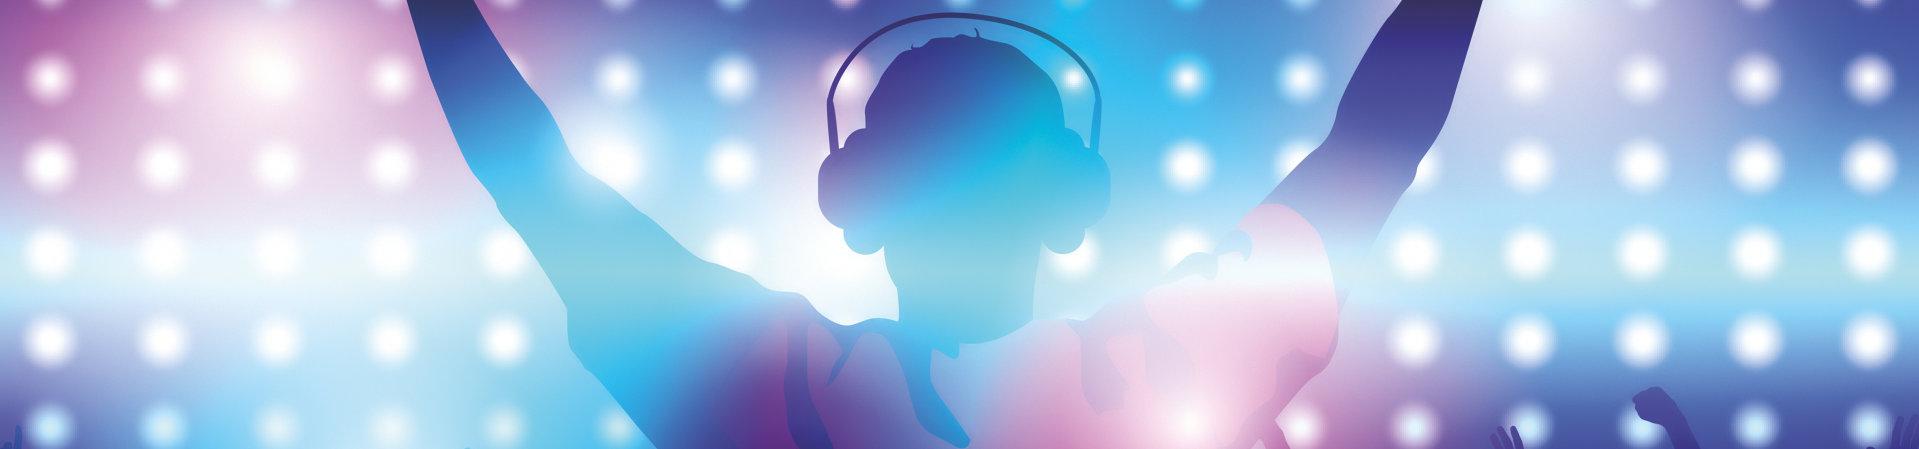 Club & DJ